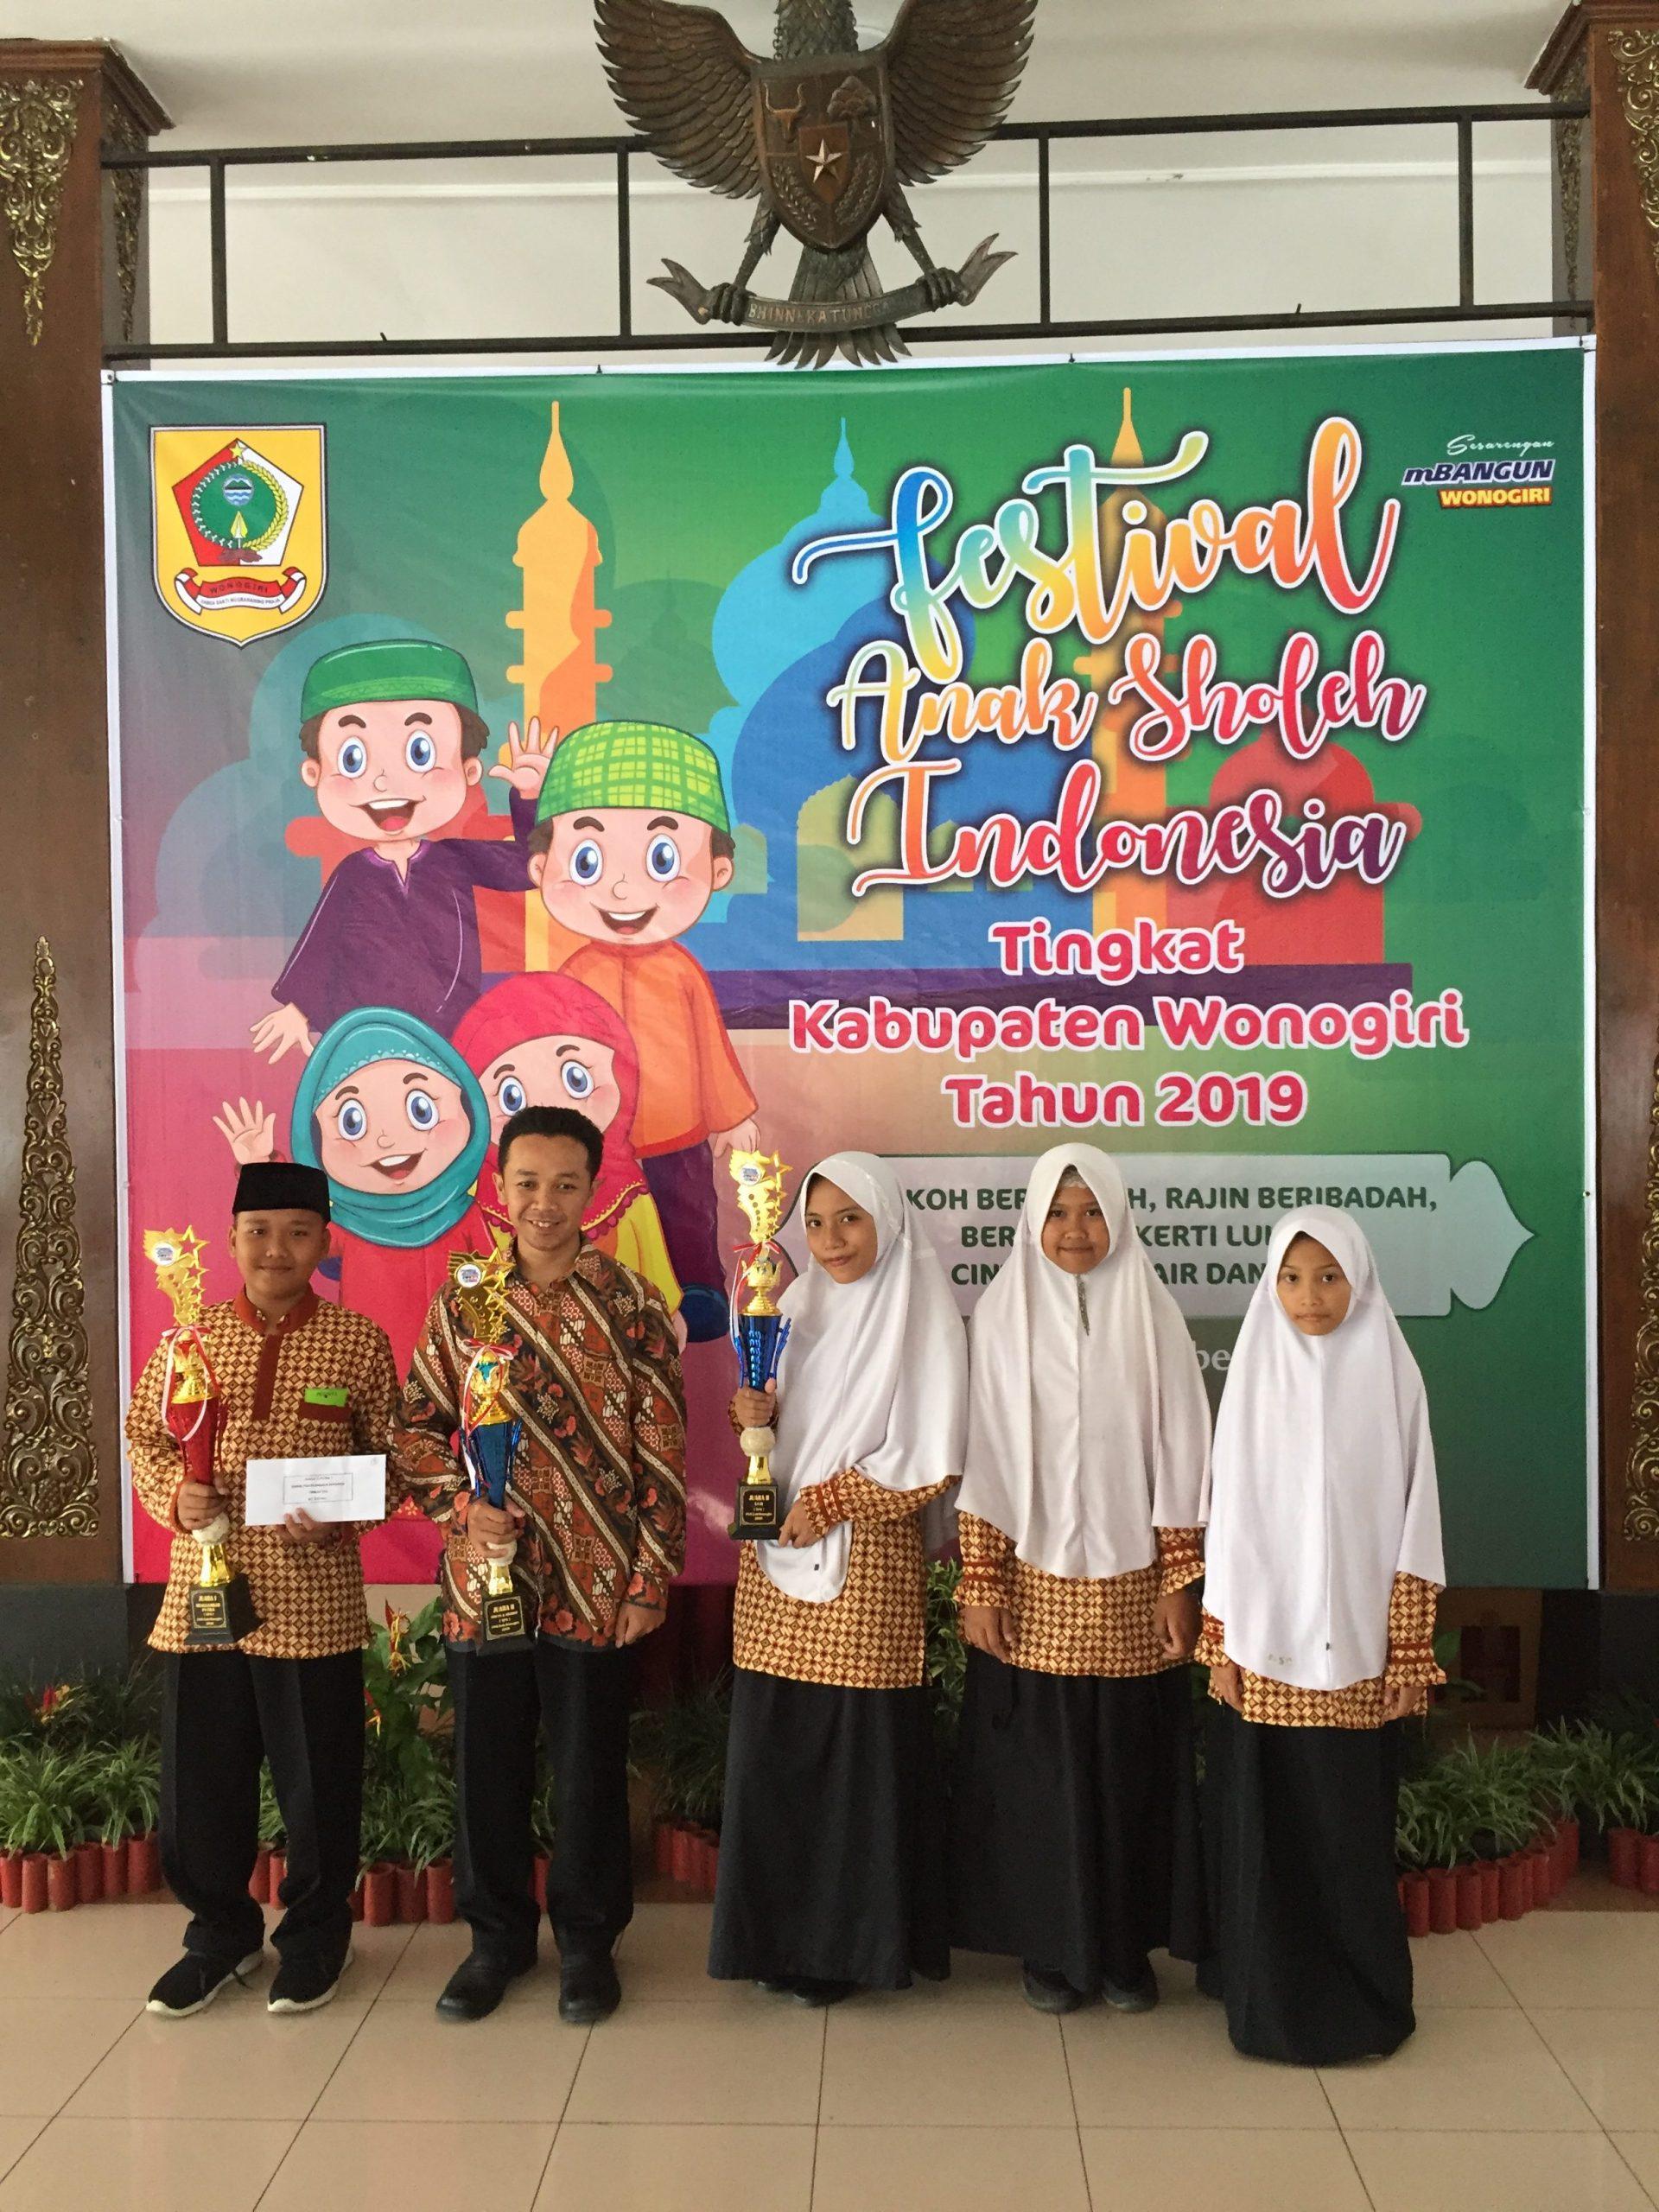 Juara Festival Anak Sholeh Indonesia (FASI) 2019 Tingkat Kabupaten Wonogiri